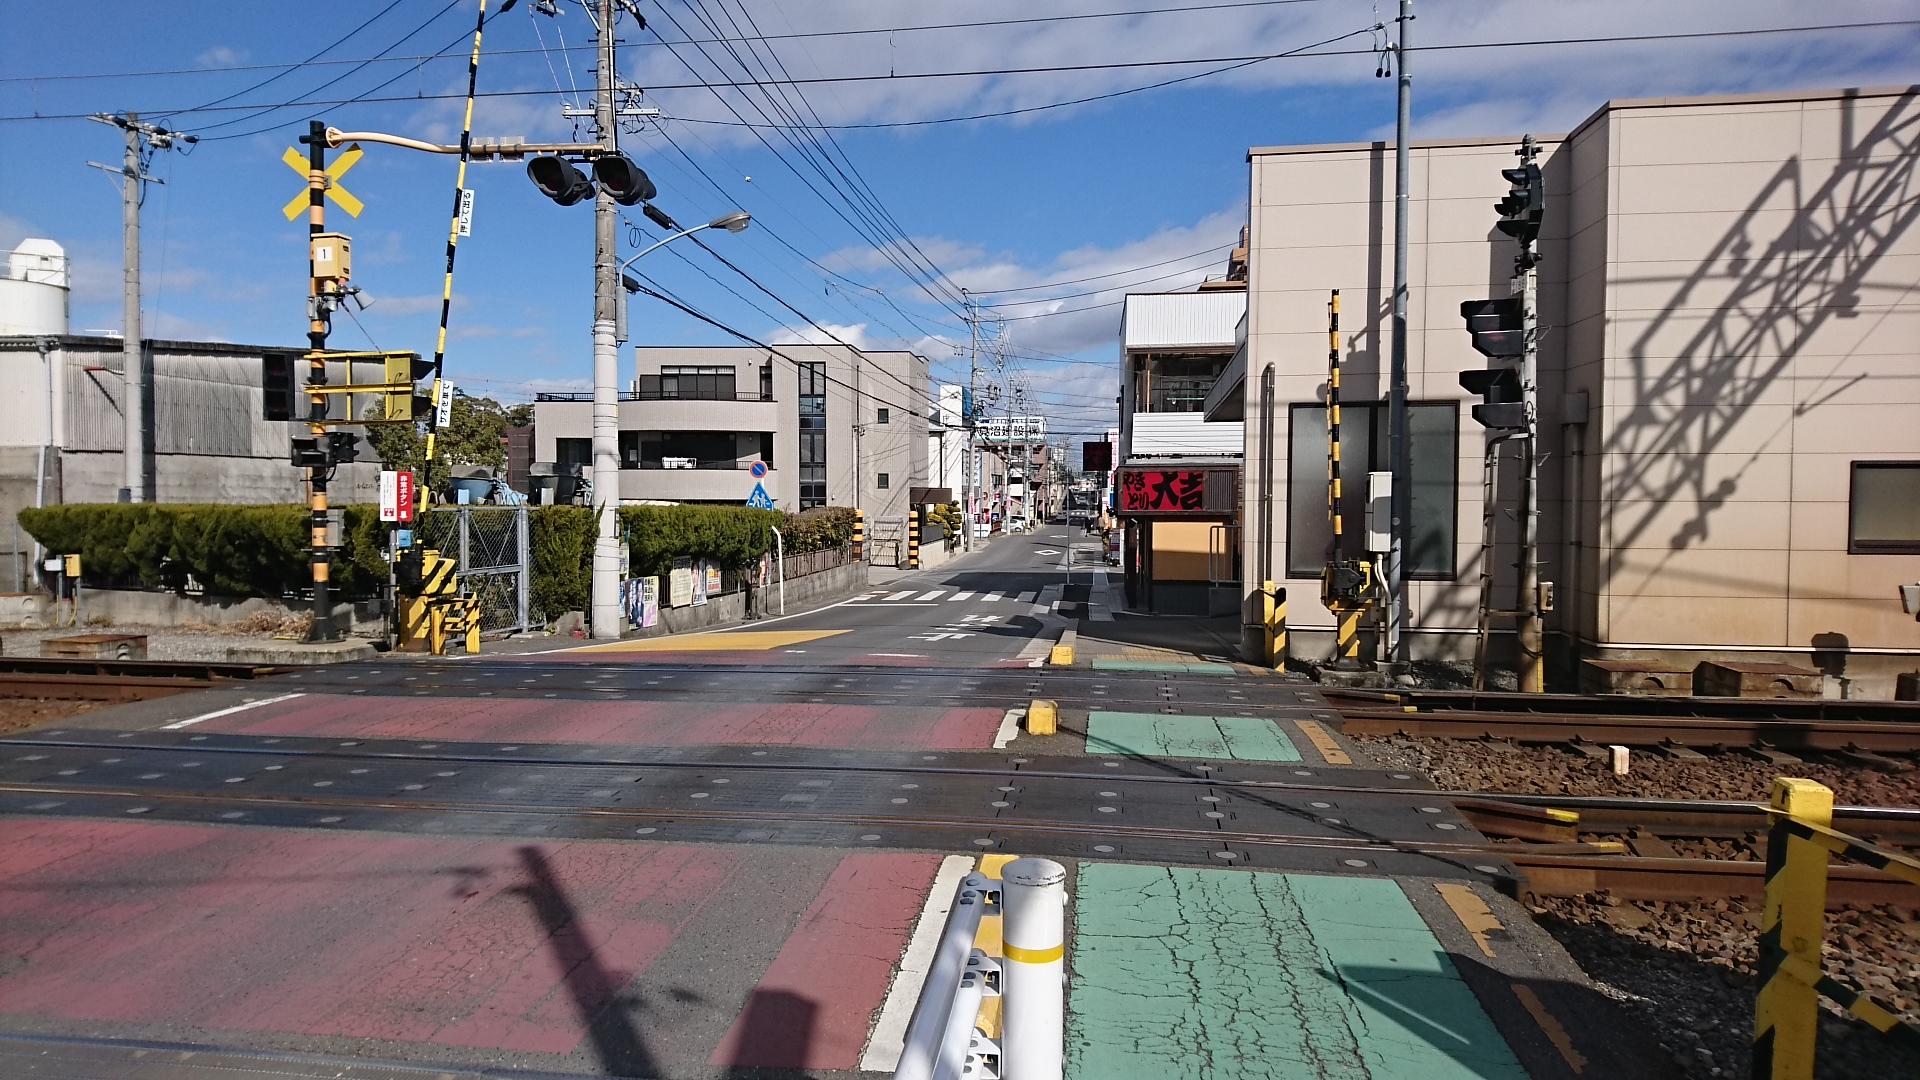 2017.2.2 左京山 (2) ふみきりみなみからきた 1920-1080